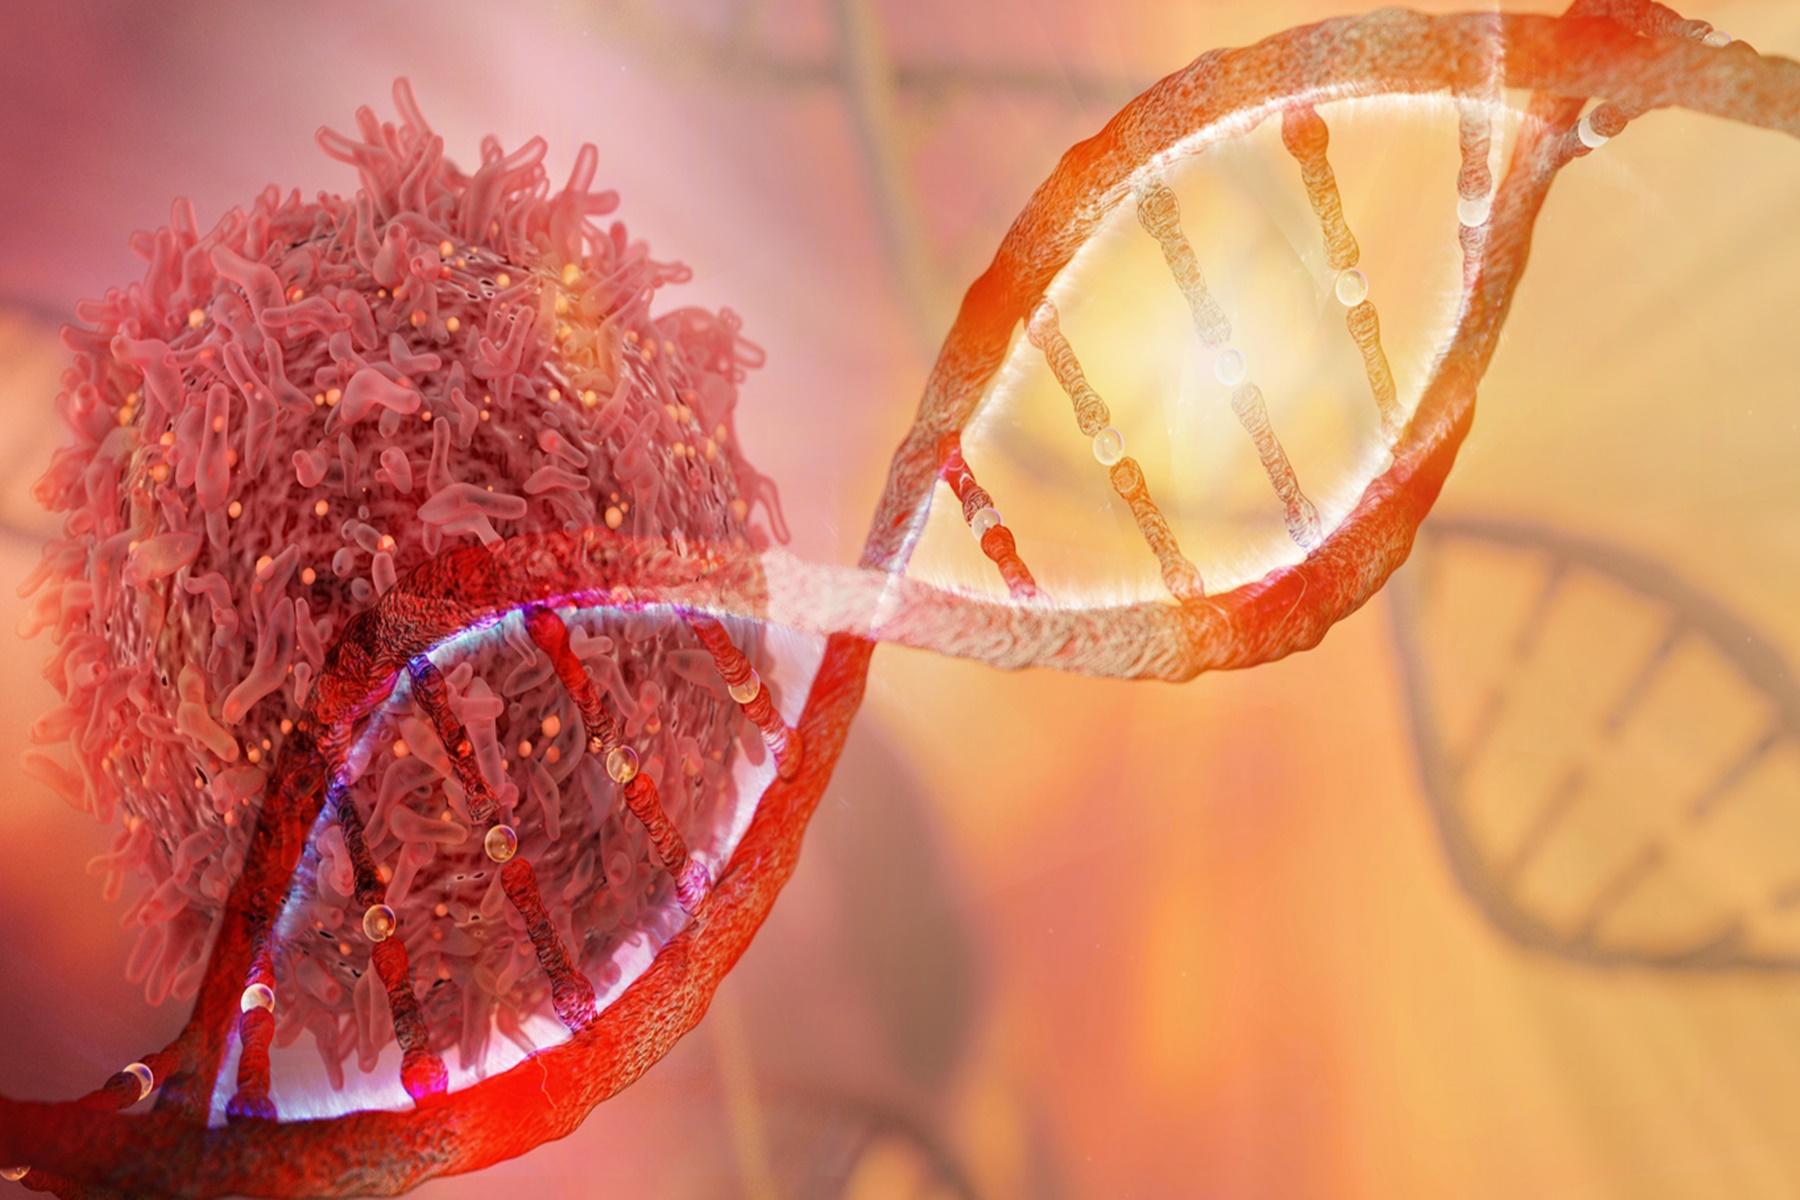 Καρκίνος: Ερευνητές αποκρυστάλλωσαν με ακτίνες Χ τη δομή ενζύμου που παίζει καθοριστικό ρόλο στον καρκίνο